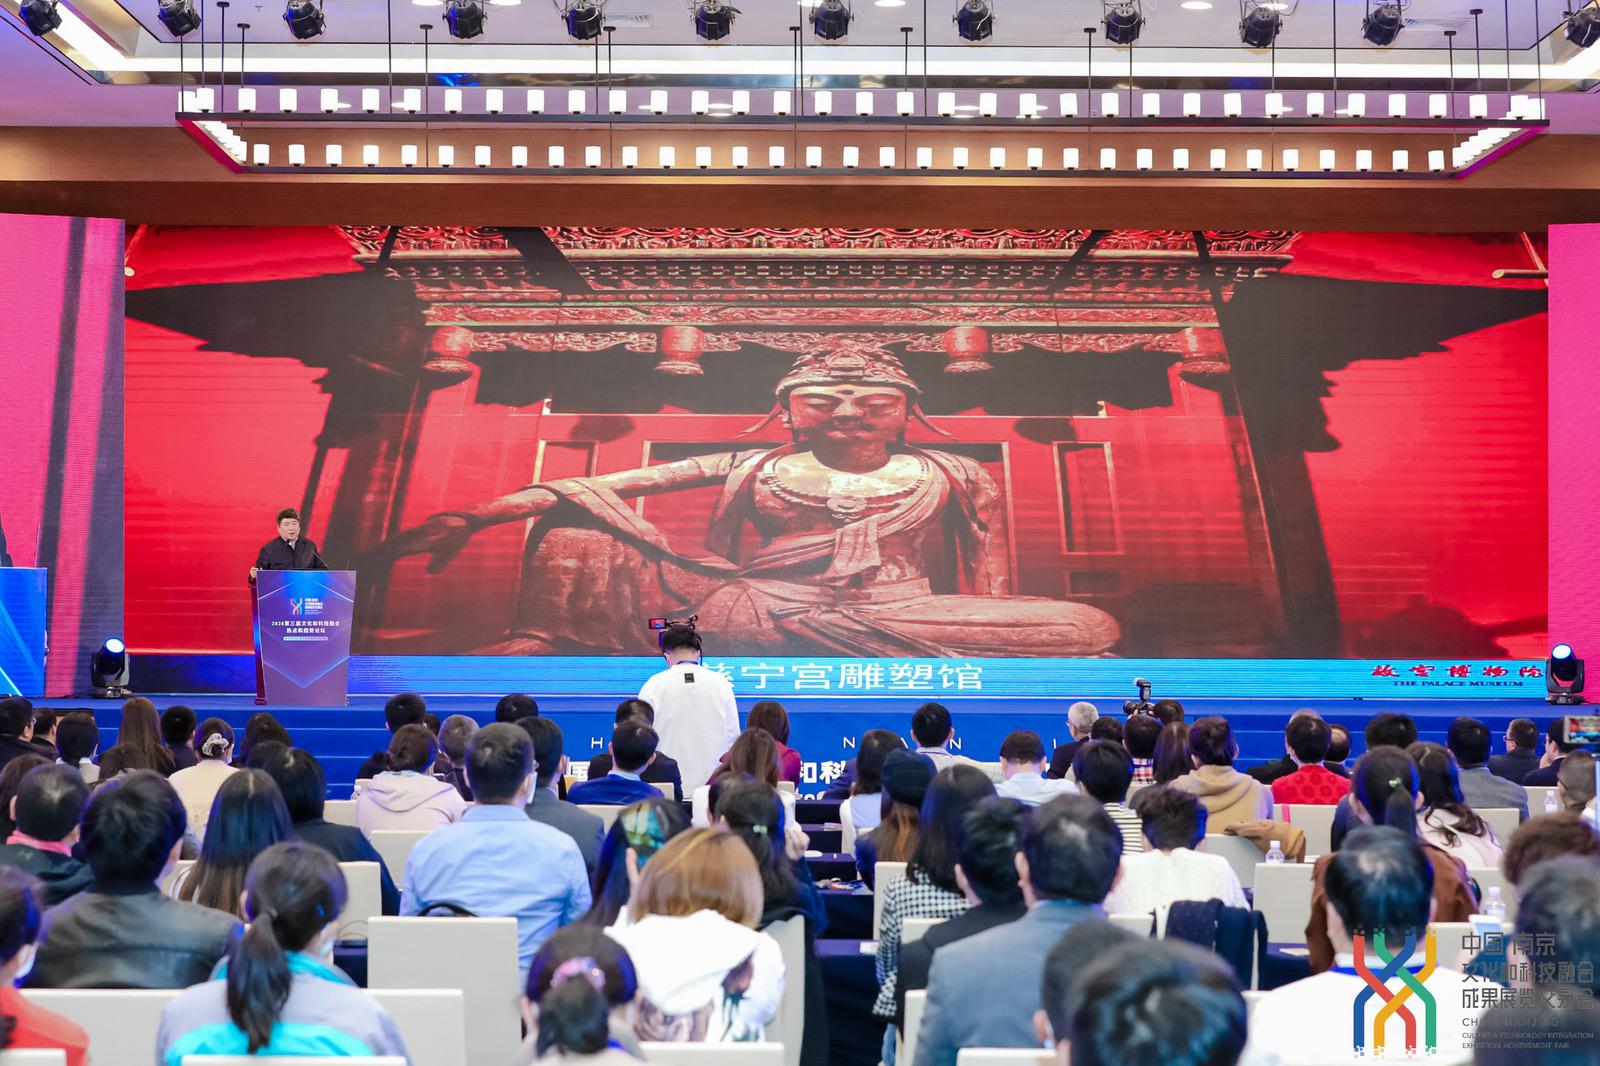 畅谈新思维新角度,第三届文化和科技融合热点和趋势论坛成功举办